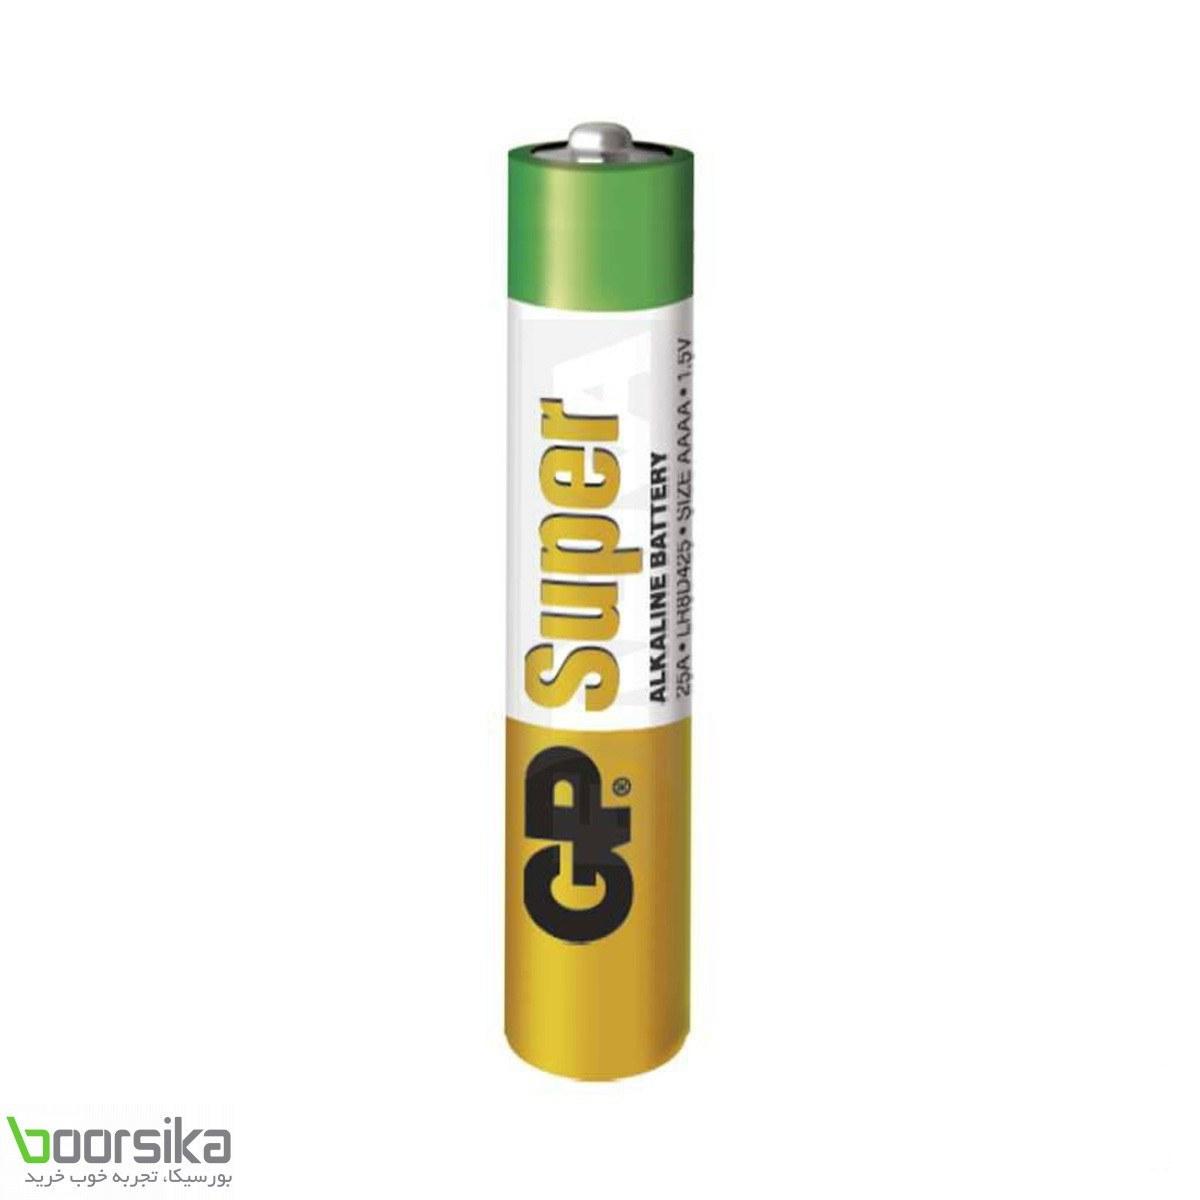 باتری نیم قلمی جی پی GP Super Alkaline AAAA Battery